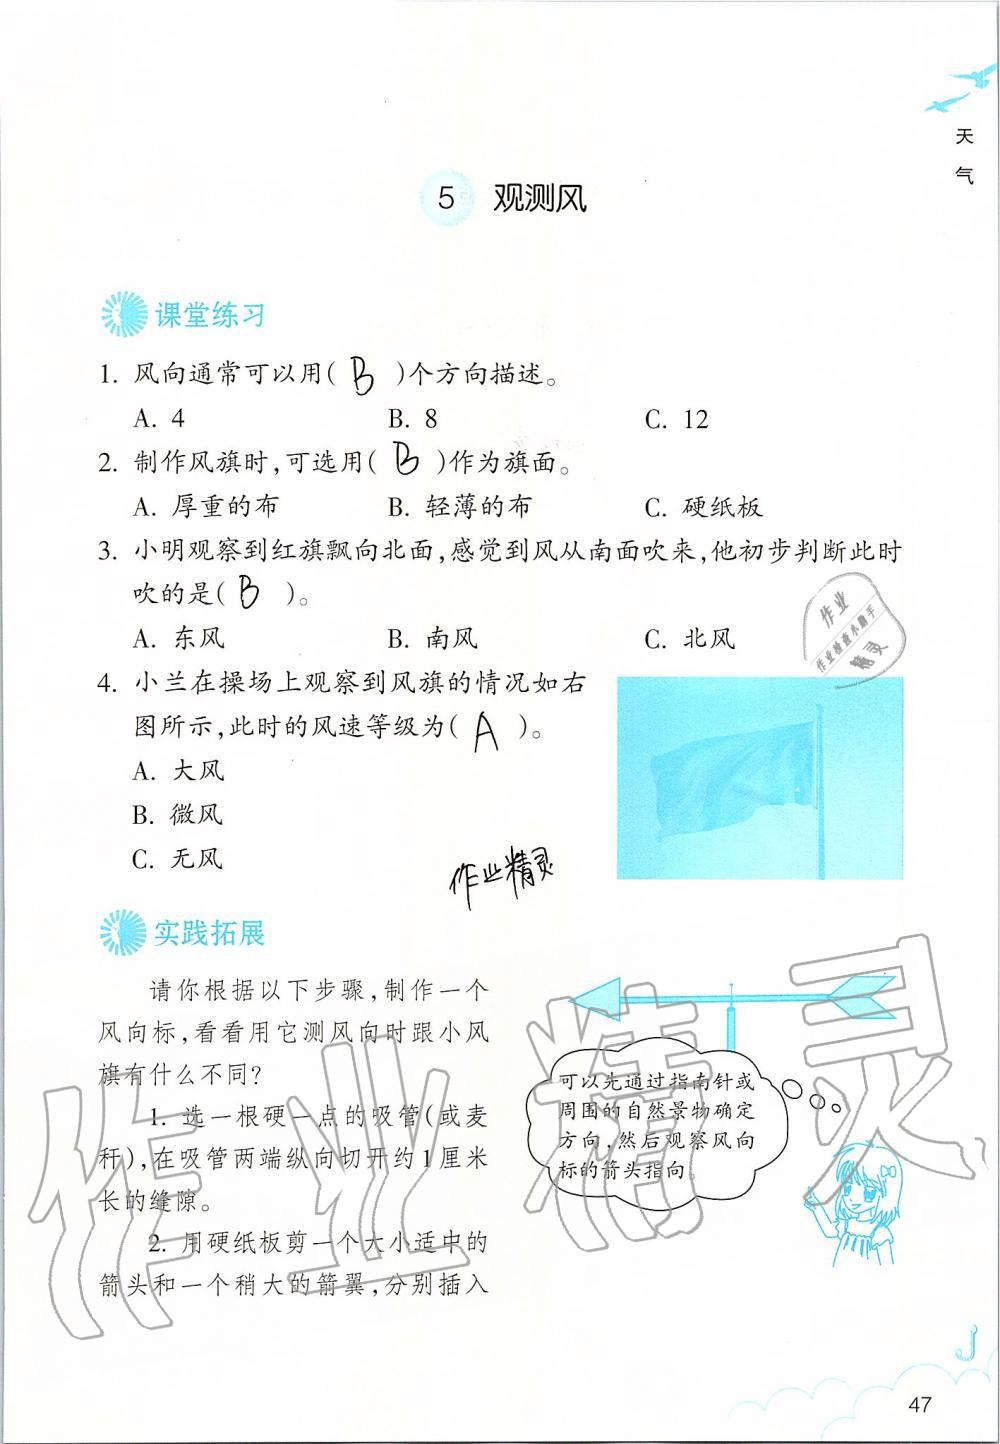 2019年科学作业本三年级上册教科版浙江教育出版社第47页